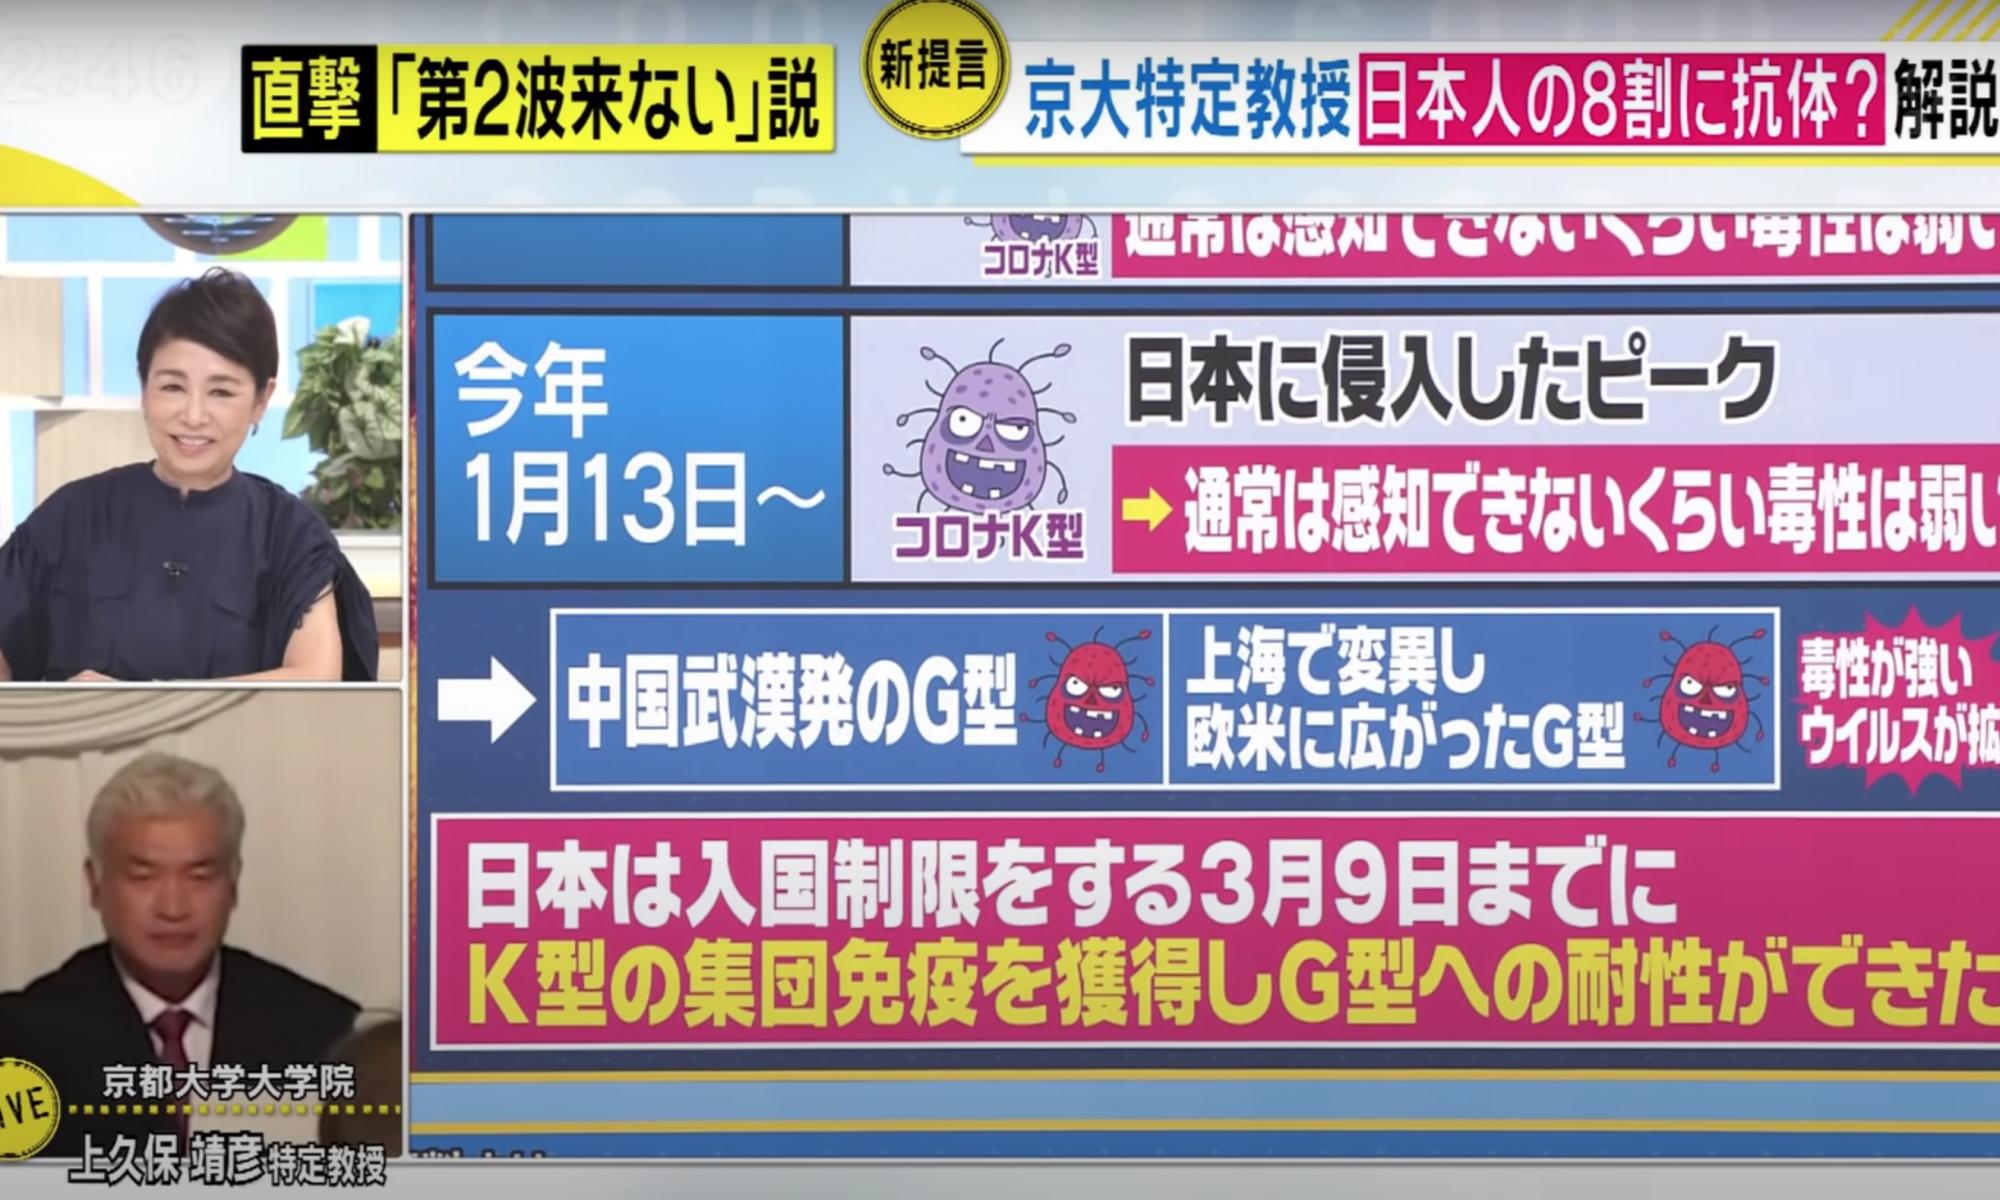 京都 大学 上久保 教授 京大教授「日本人はコロナを克服。年末に終焉」説の論拠